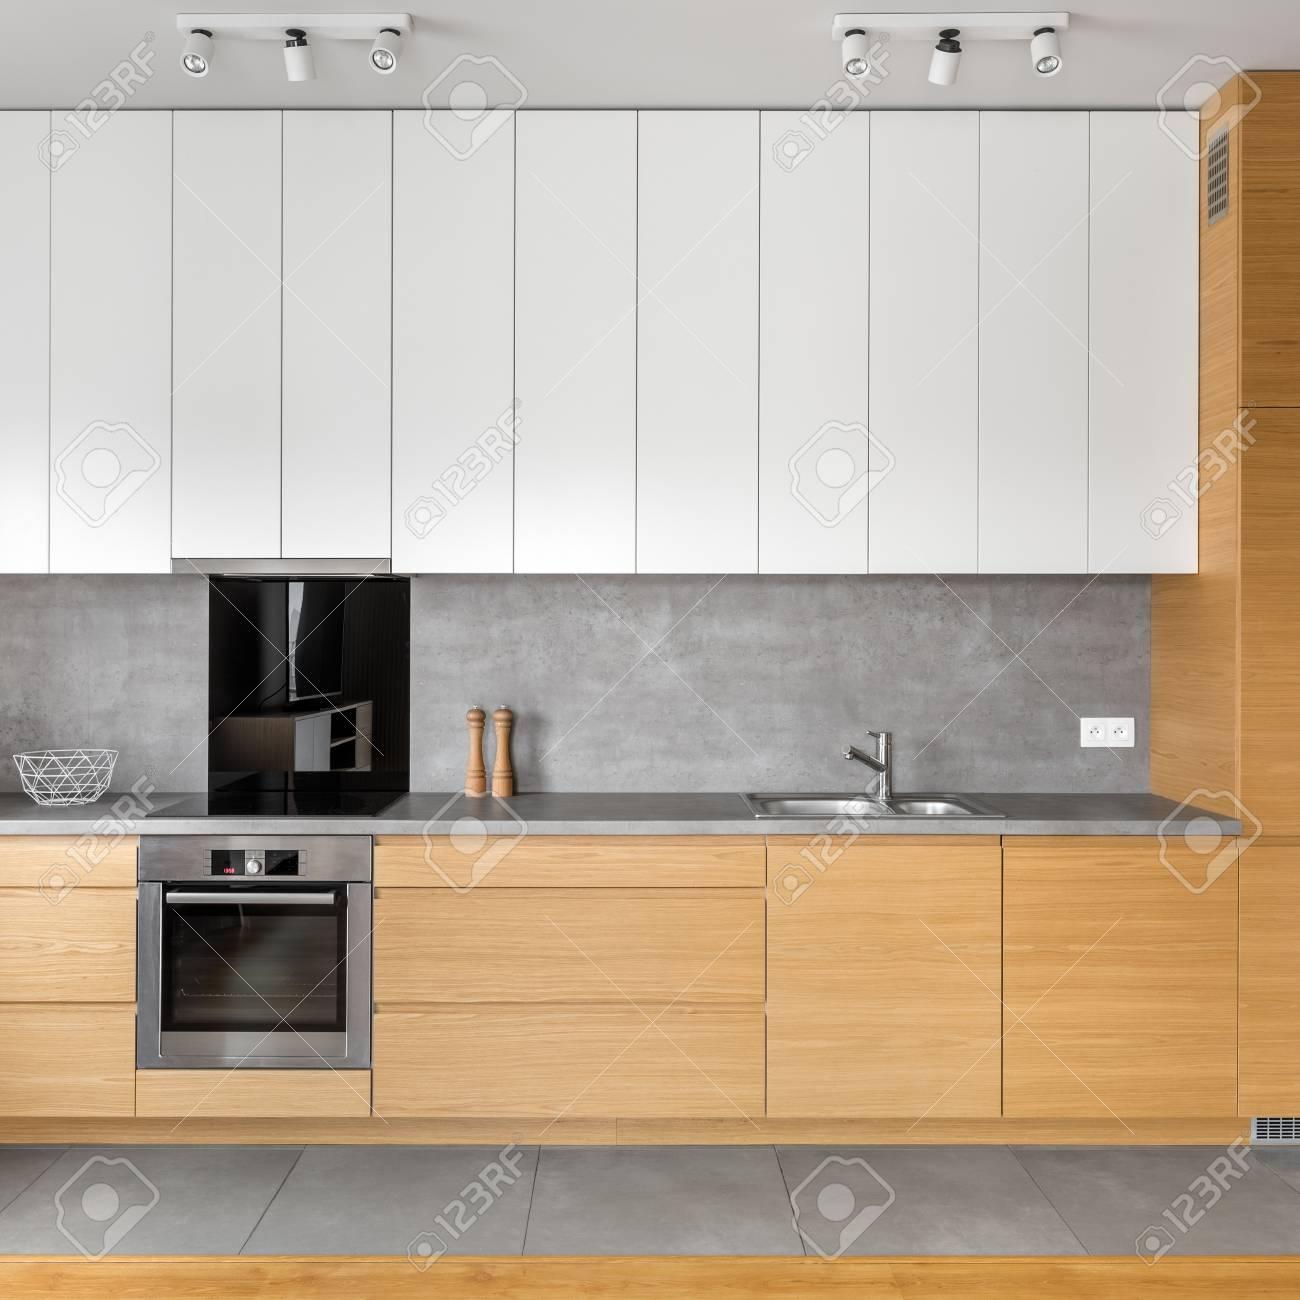 Immagini Stock - Cucina Moderna Con Piastrelle Grigie, Armadi In ...